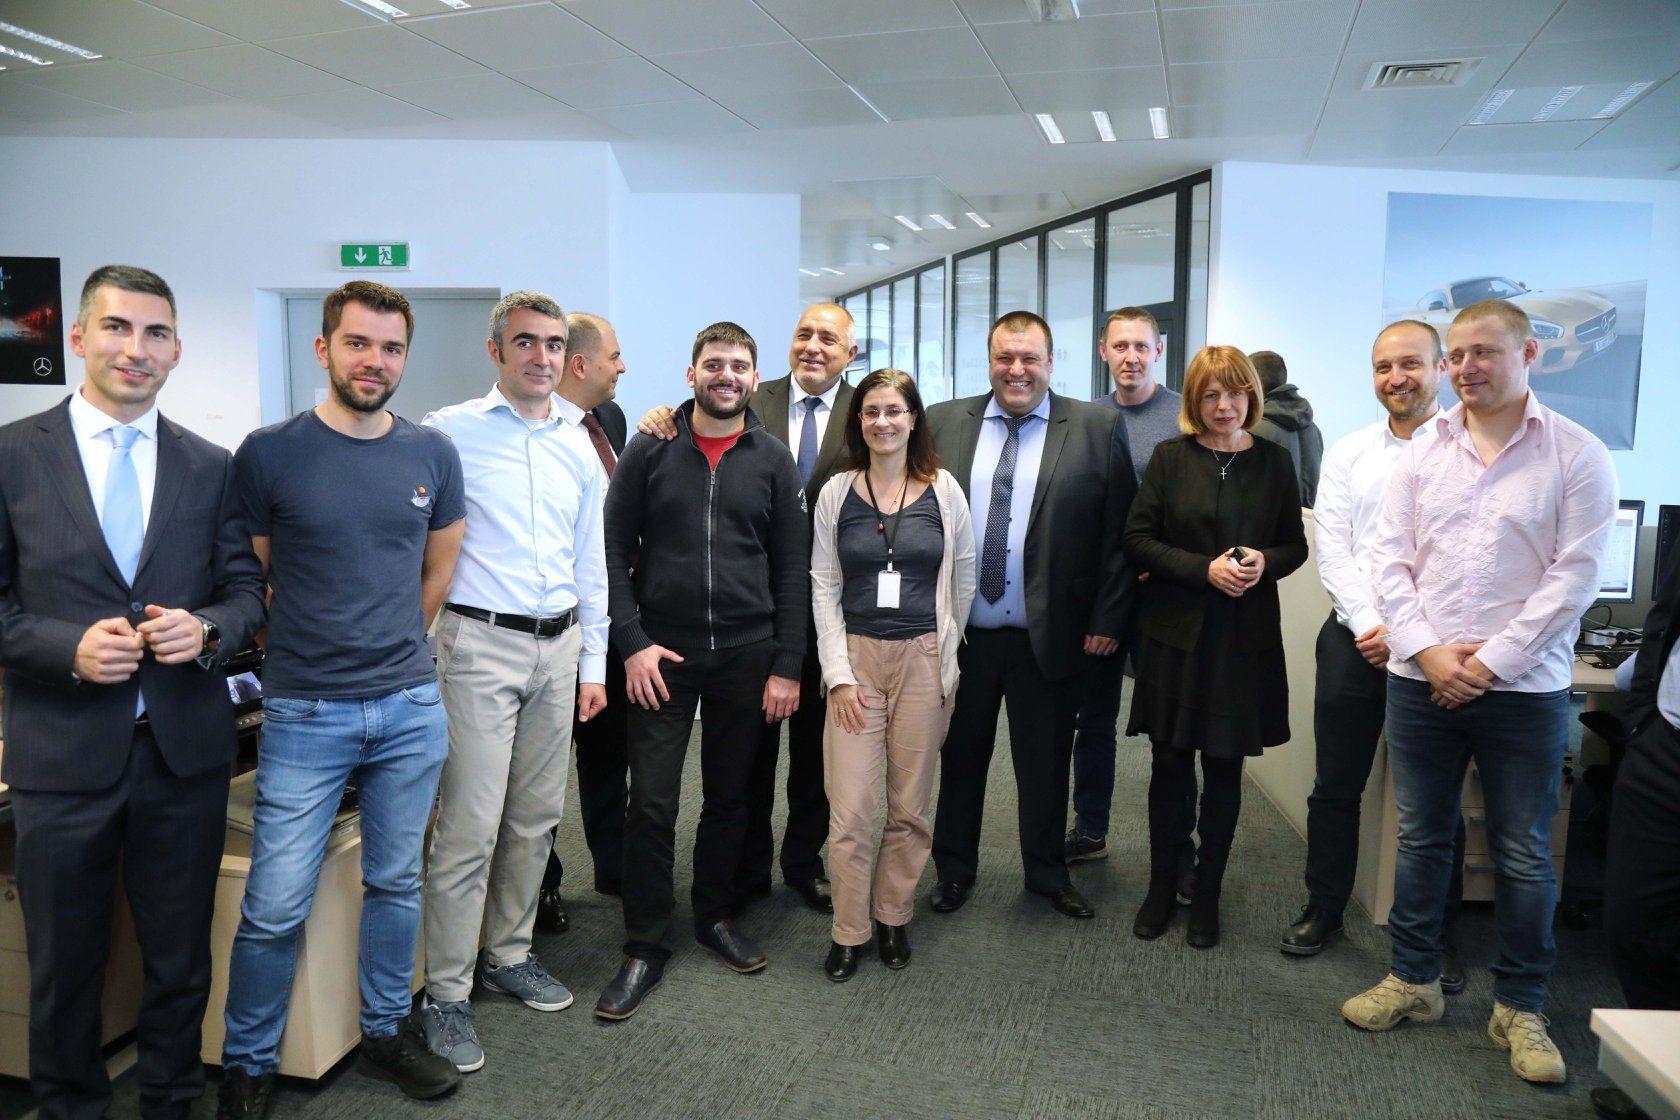 В събитието участва и столичният кмет Йорданка Фандъкова